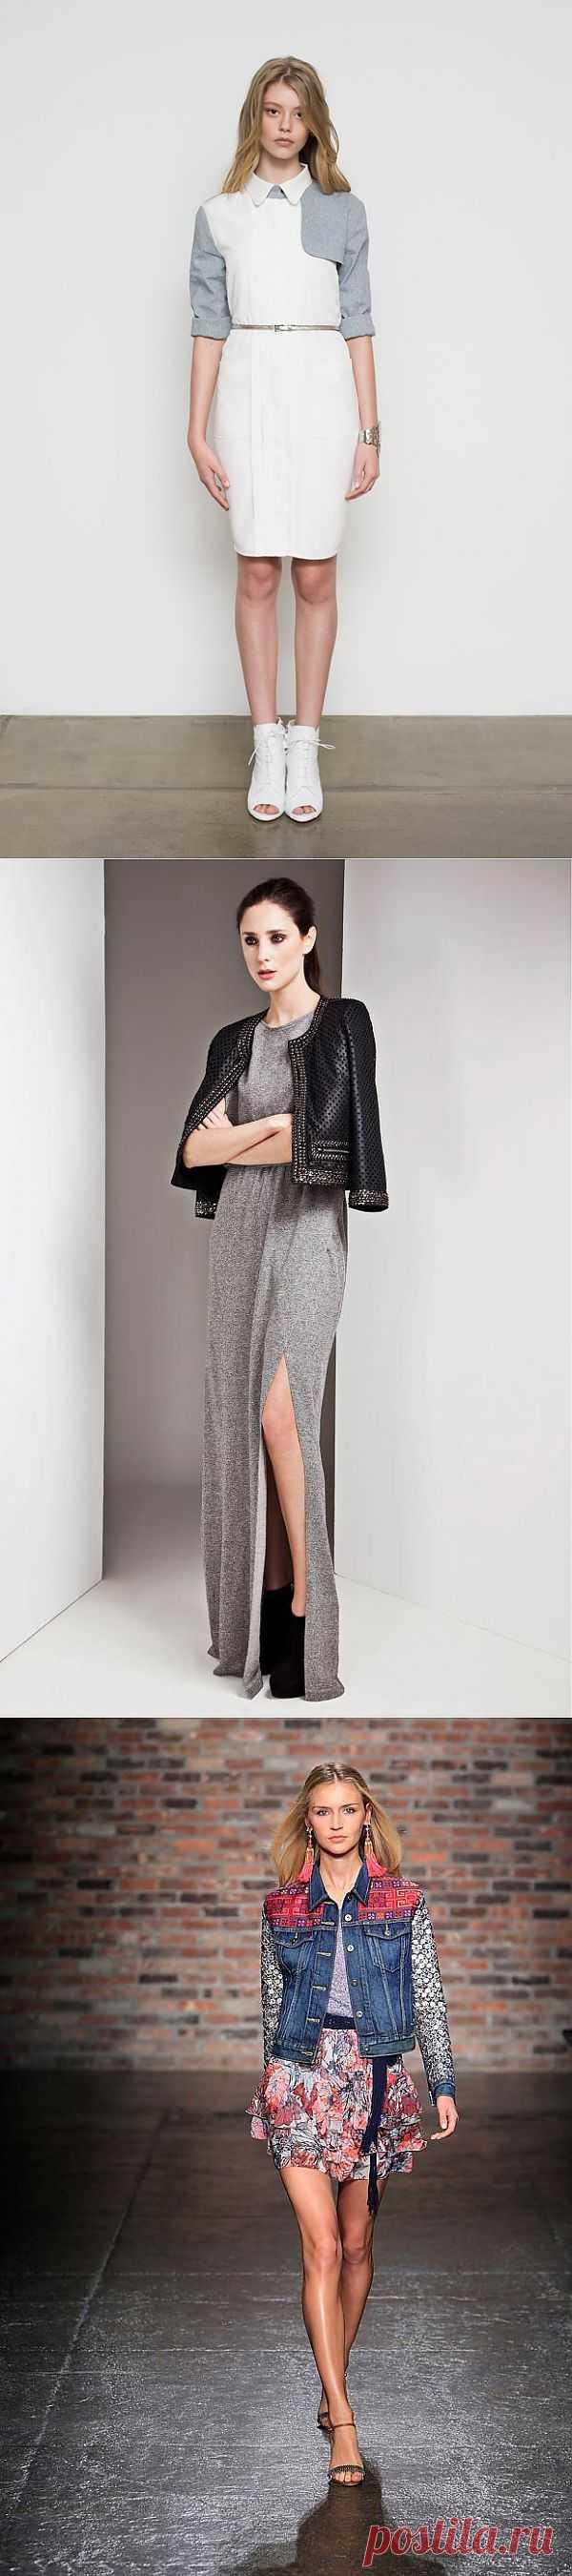 Sachin + Babi (большая подборка свежих идей) / Дизайнеры / Модный сайт о стильной переделке одежды и интерьера